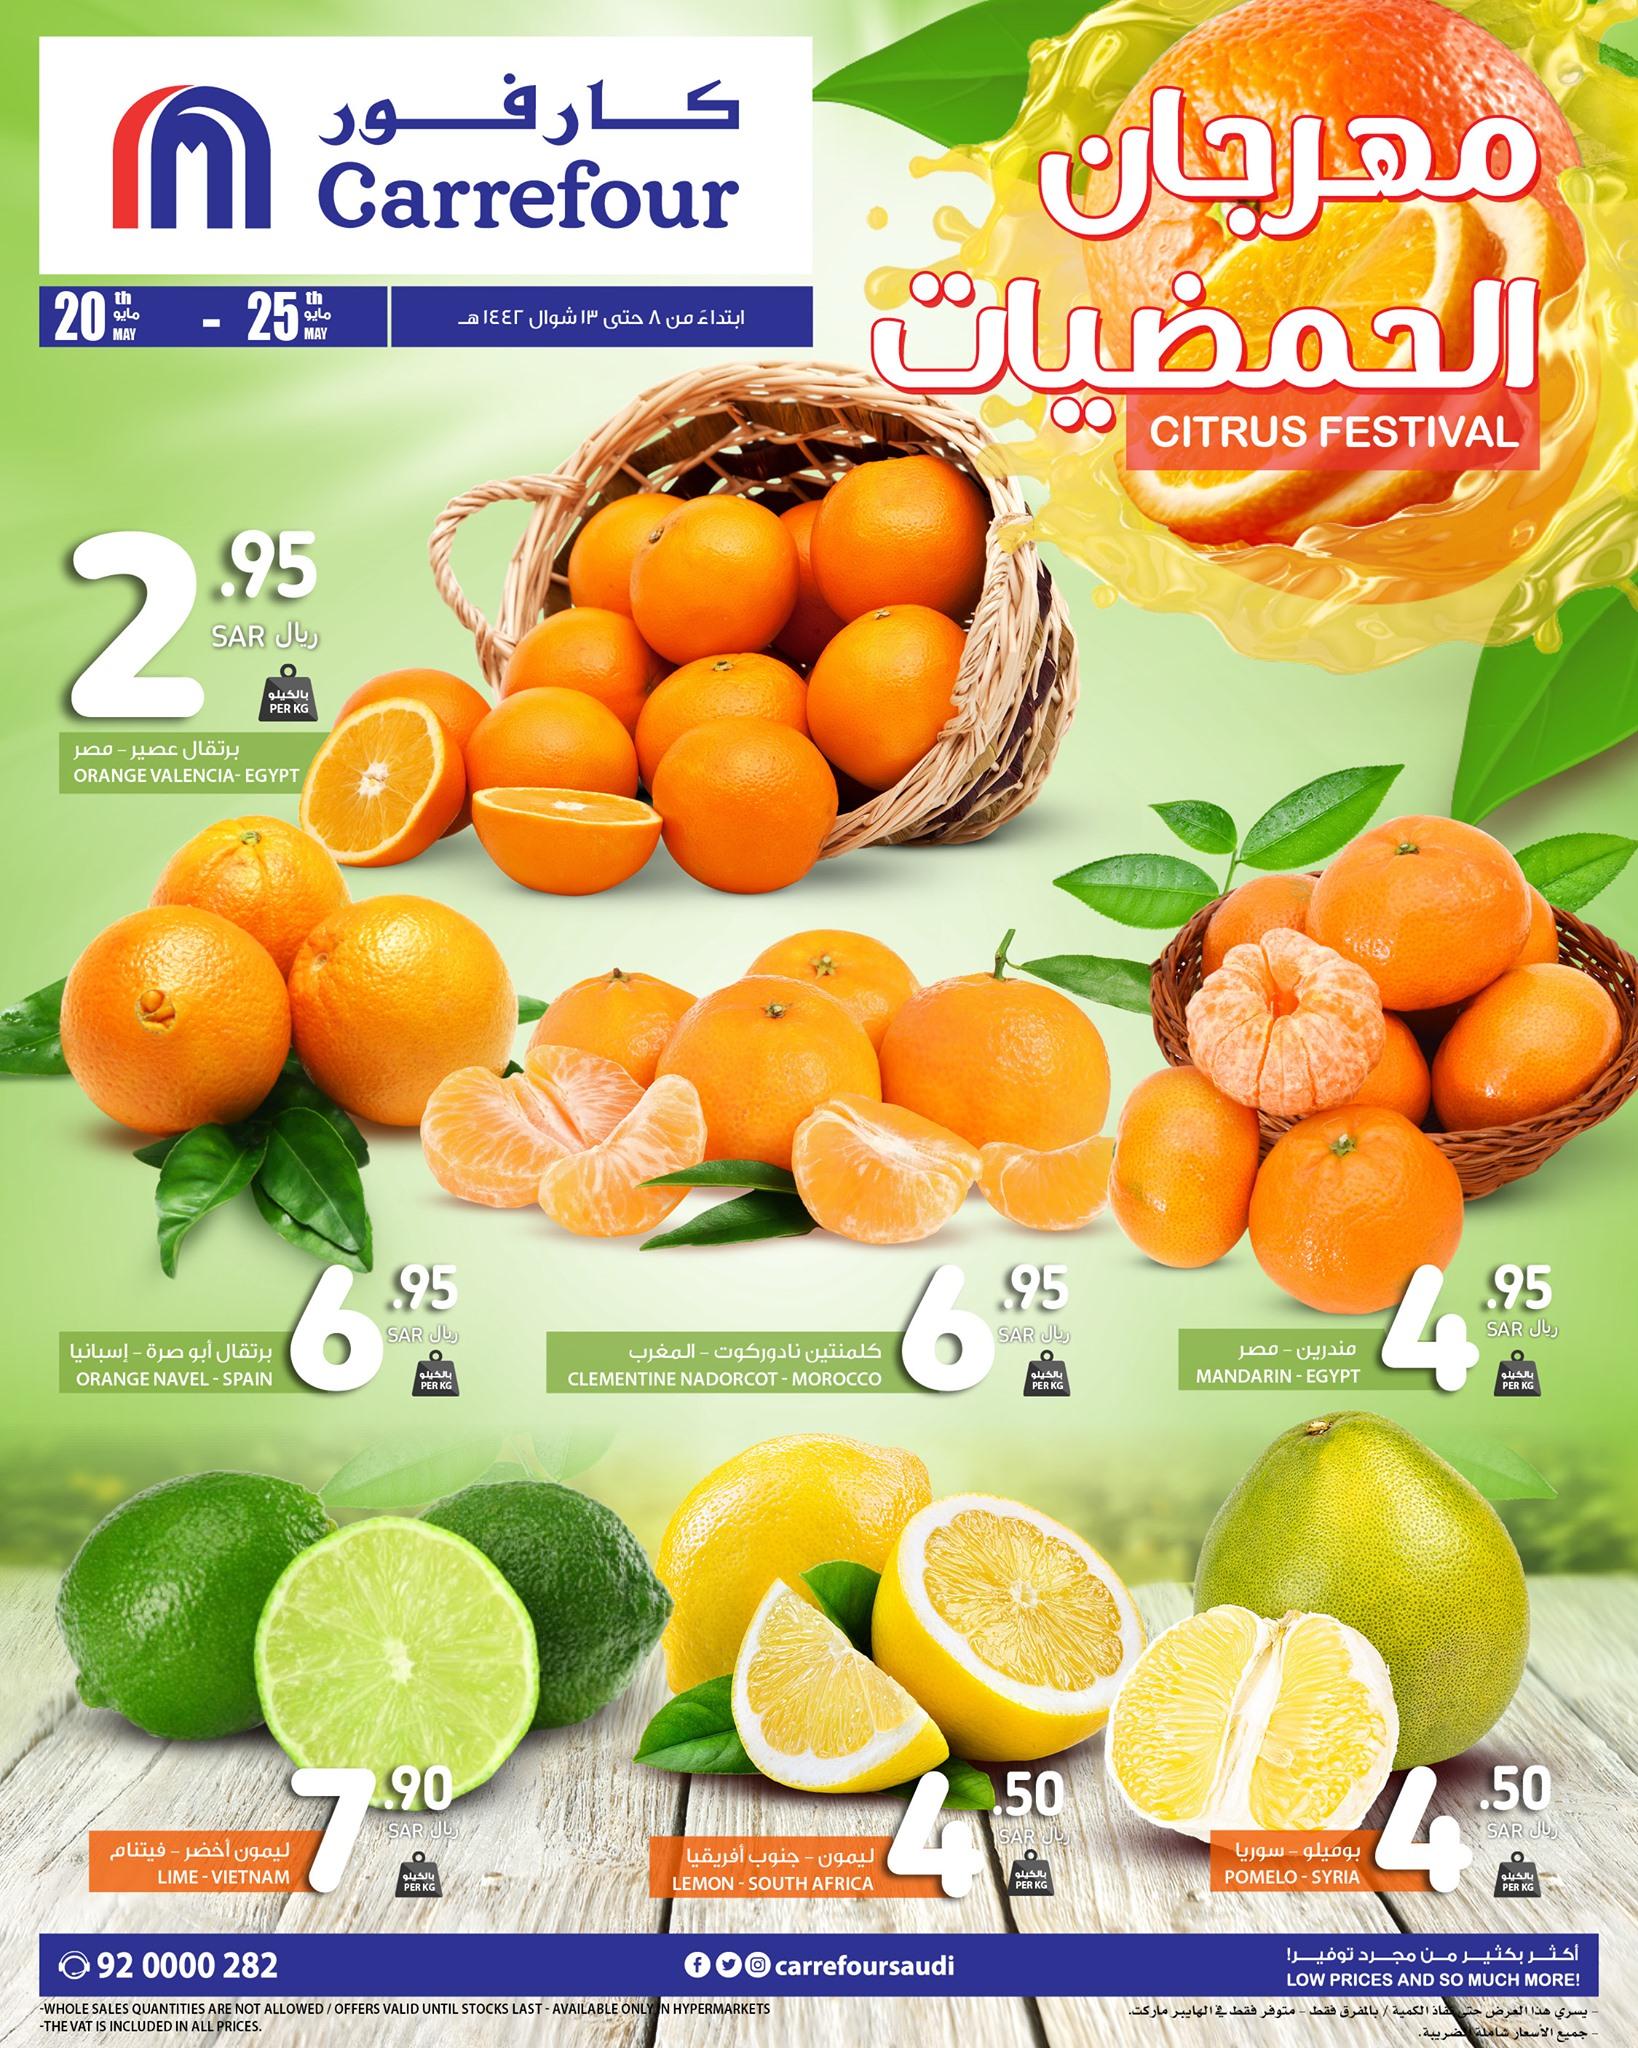 عروض كارفور السعودية اليوم 20 مايو حتى 25 مايو 2021 مهرجان الحمضيات